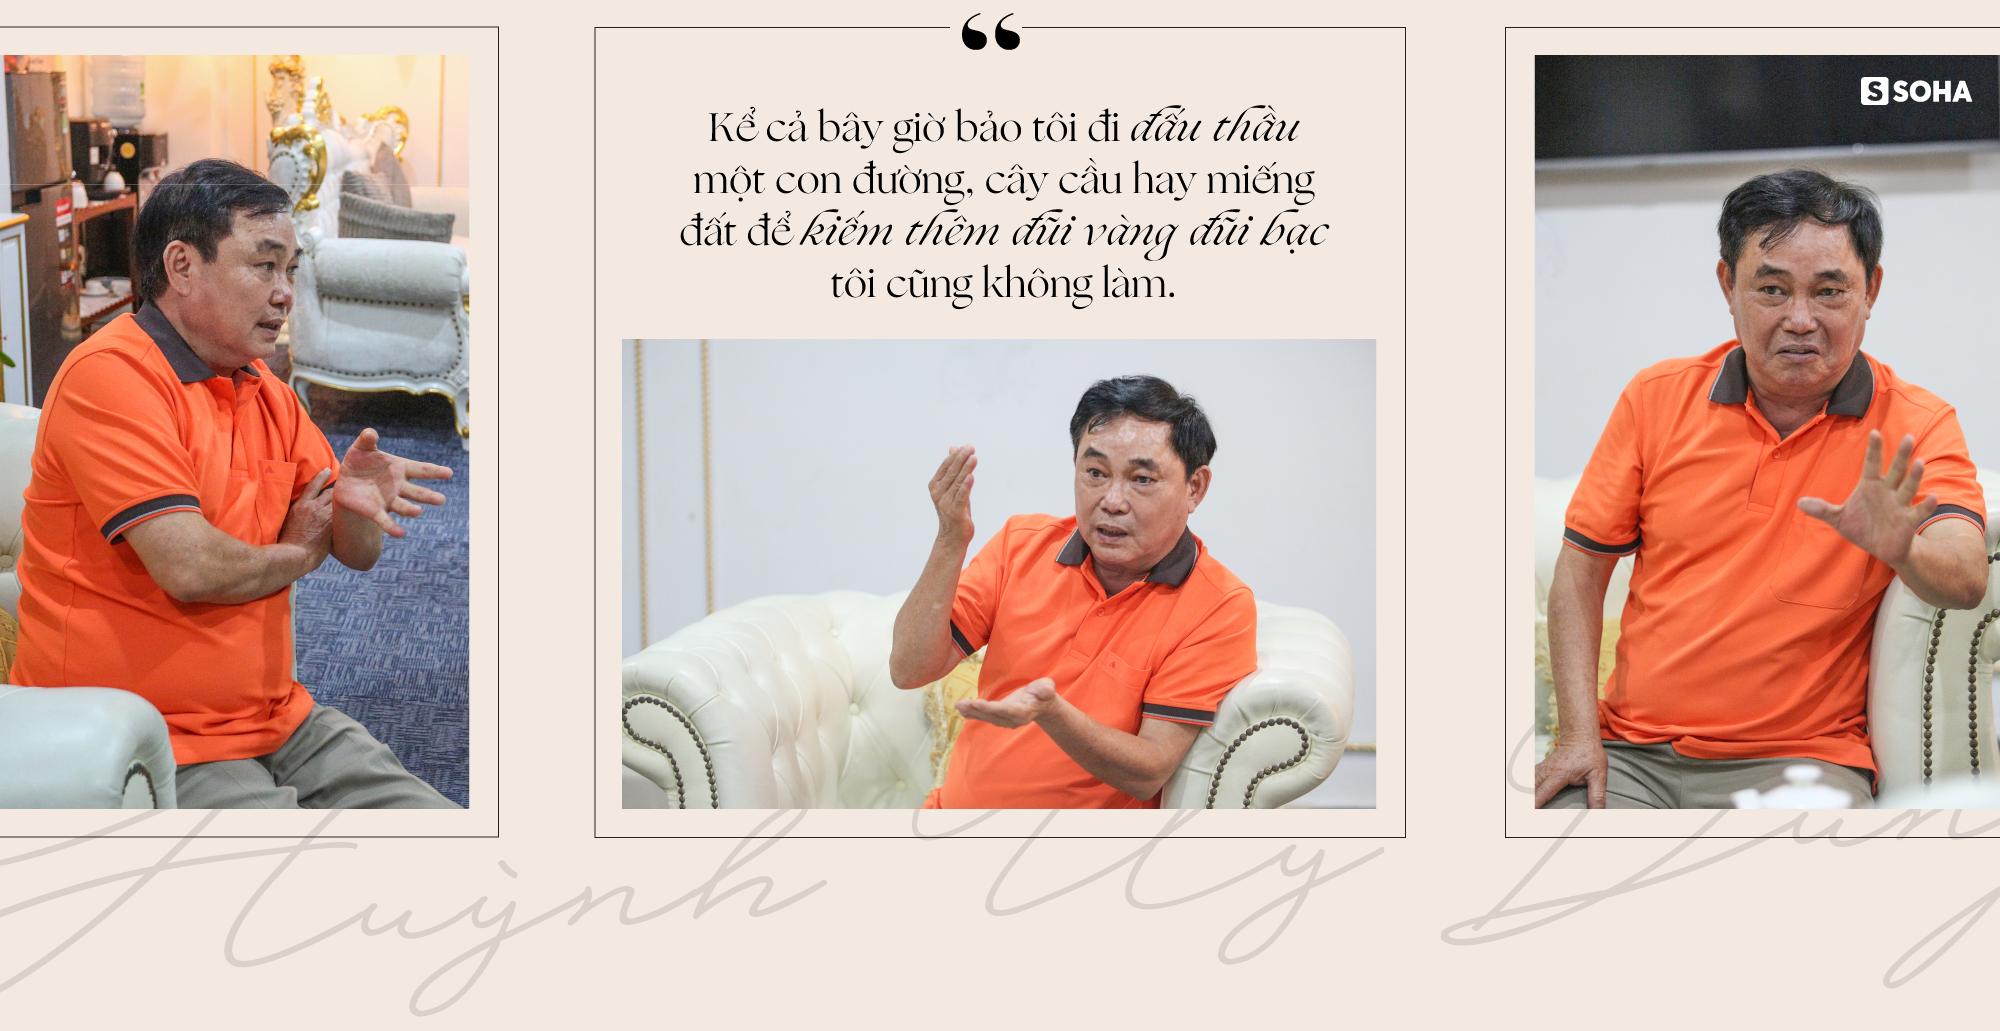 """Ông Huỳnh Uy Dũng: """"Sống được 30 năm nữa, mỗi năm tôi sẽ bán đi một vài tài sản, chia hết cho đời"""" - Ảnh 5."""